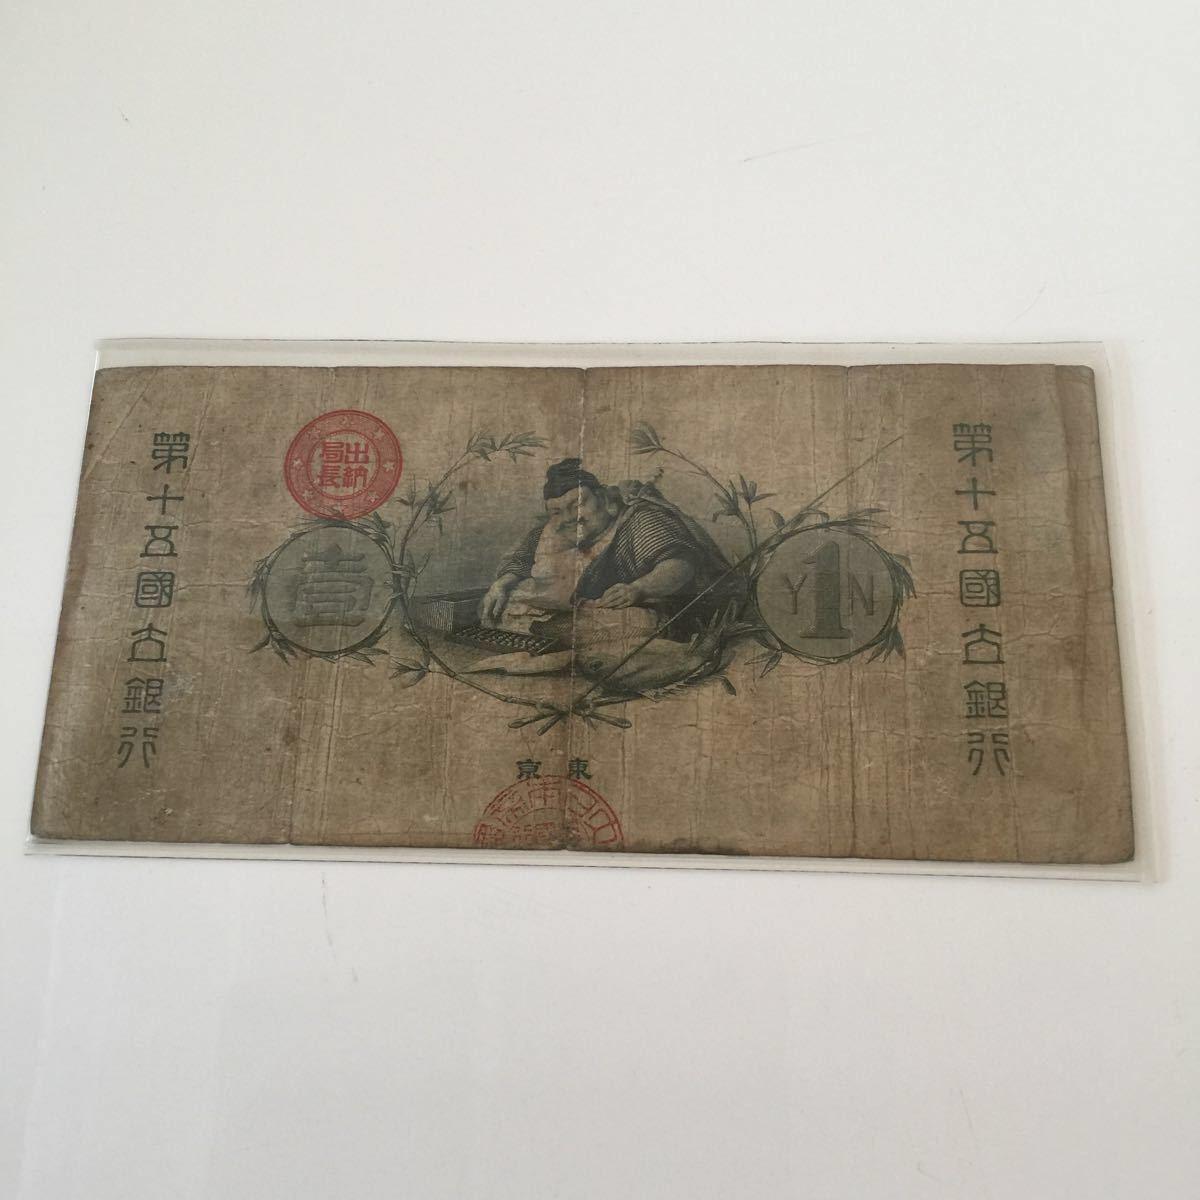 古紙幣大日本帝国国立銀行水兵壱圓_画像2